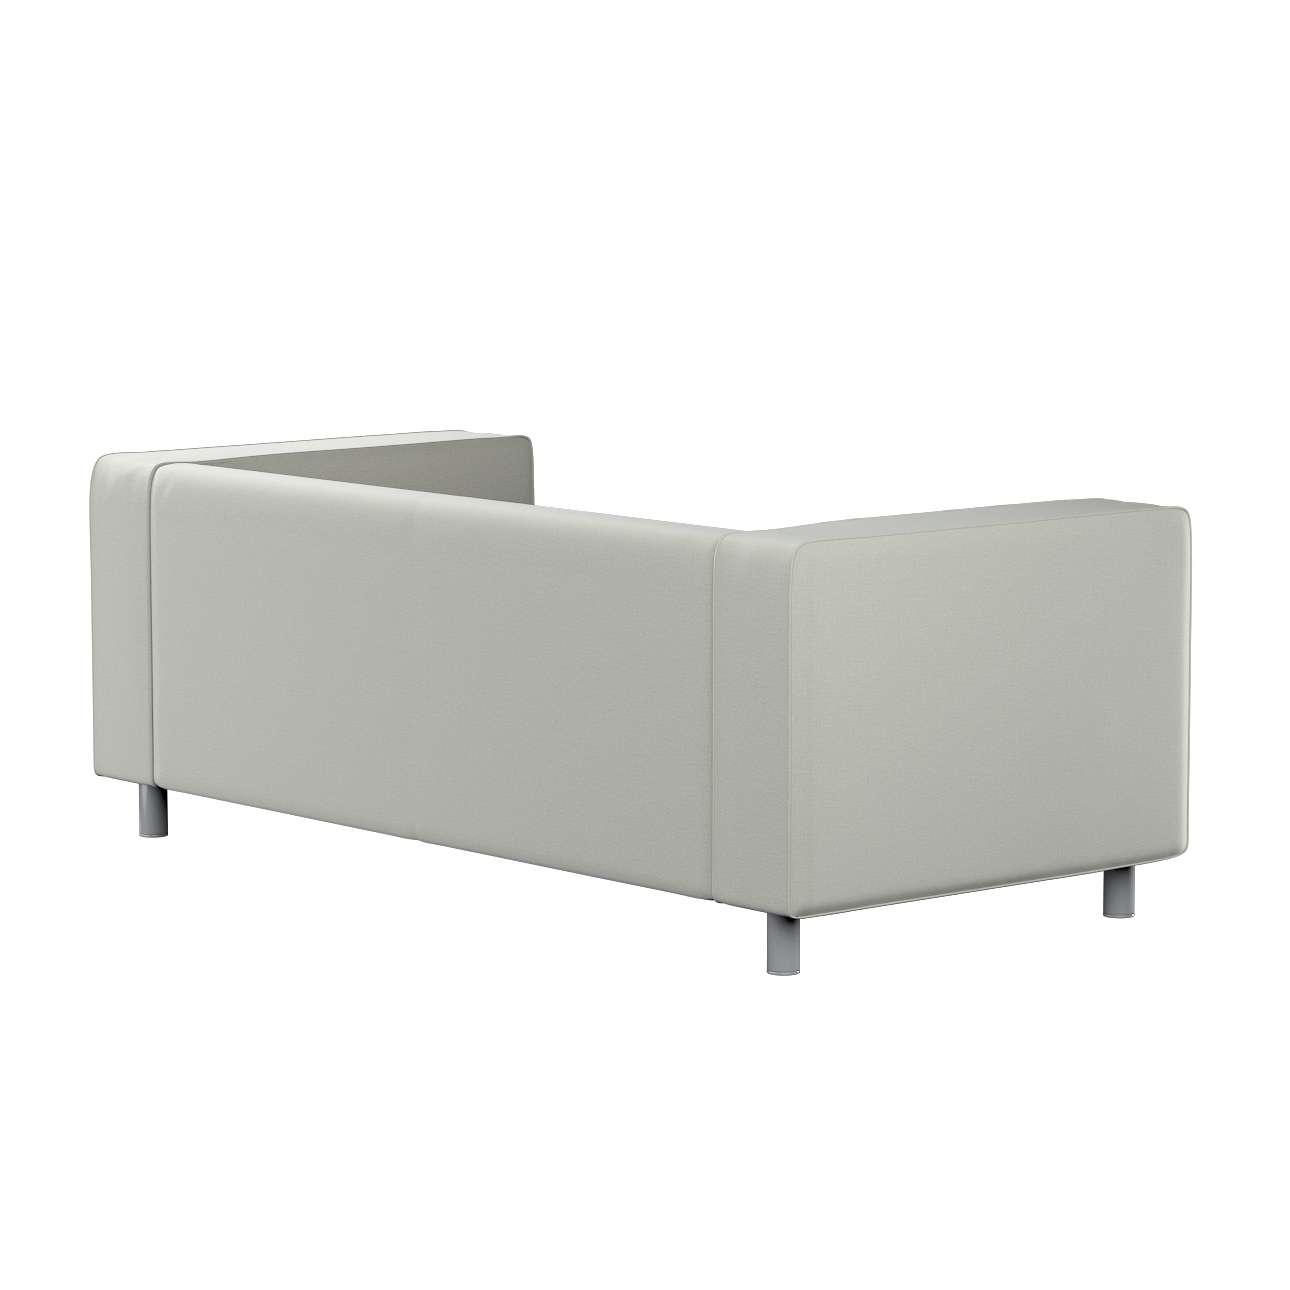 Pokrowiec na sofę Klippan 2-osobową w kolekcji Ingrid, tkanina: 705-41